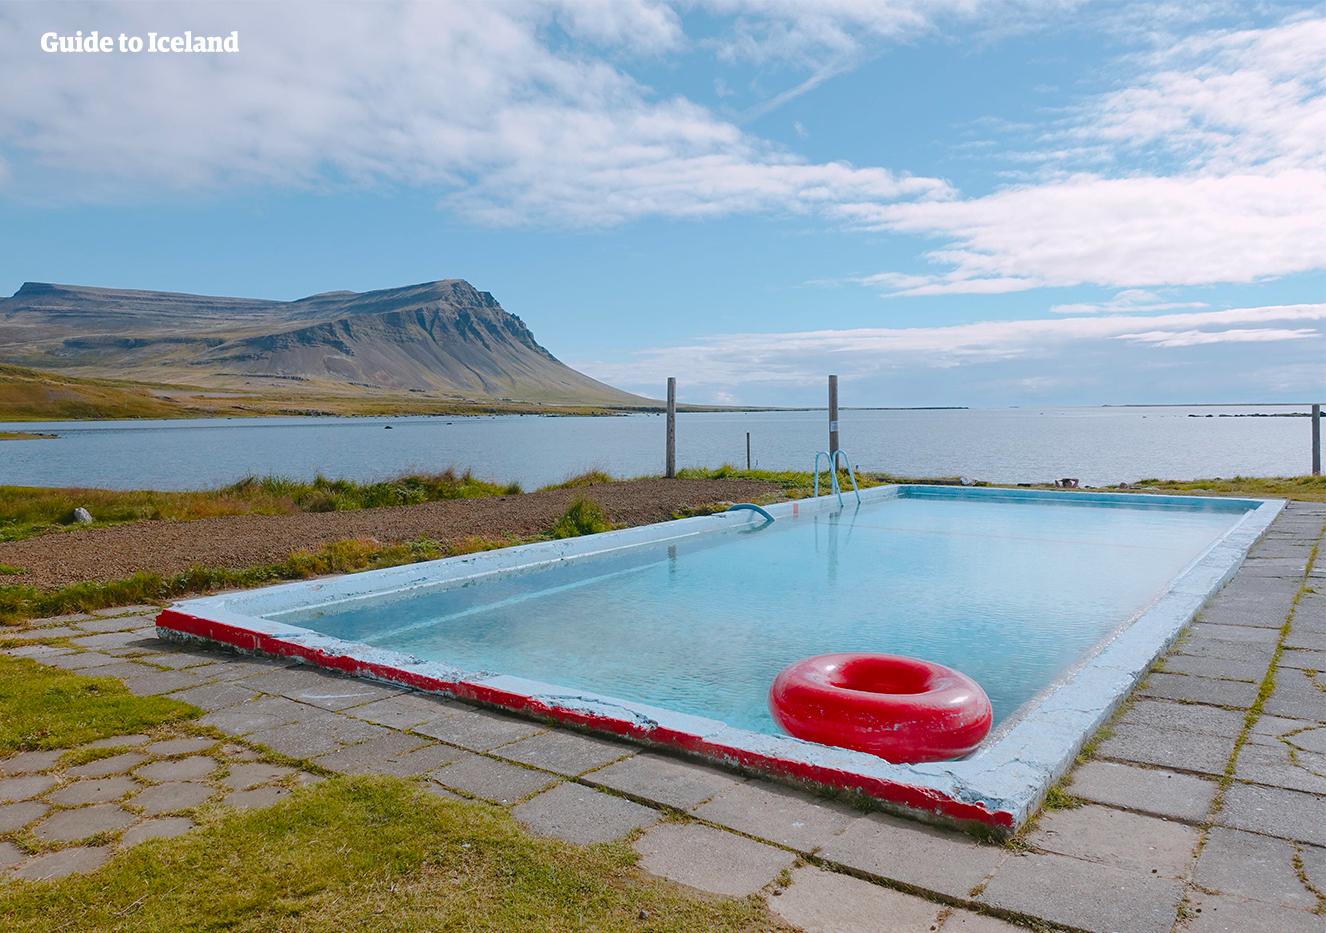 只有非常少量的游客会前往遥远的冰岛西峡湾